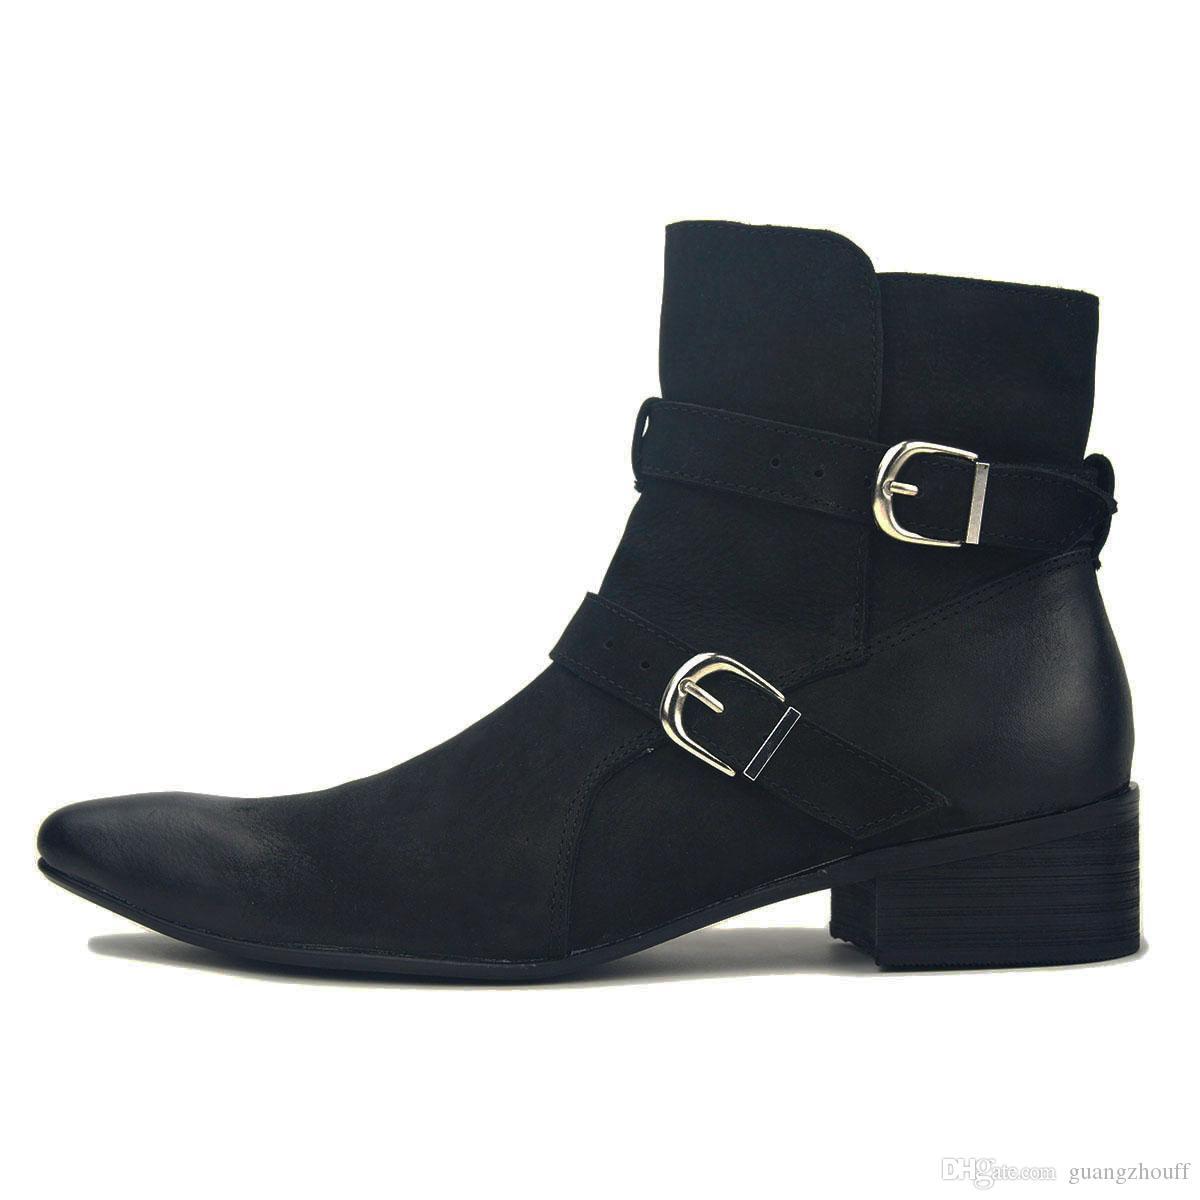 Mode-Männer Stiefel Zipper echtes Leder Stiefel Männer Knöchel Schuhe Frühjahr / Herbst Designer Stiefel Kuh Lederschuhe